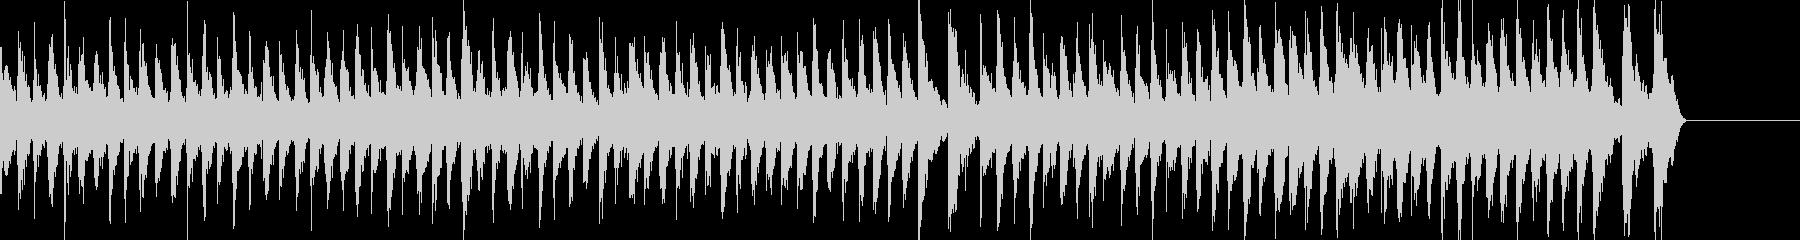 気まぐれな、気まぐれなオーケストレ...の未再生の波形